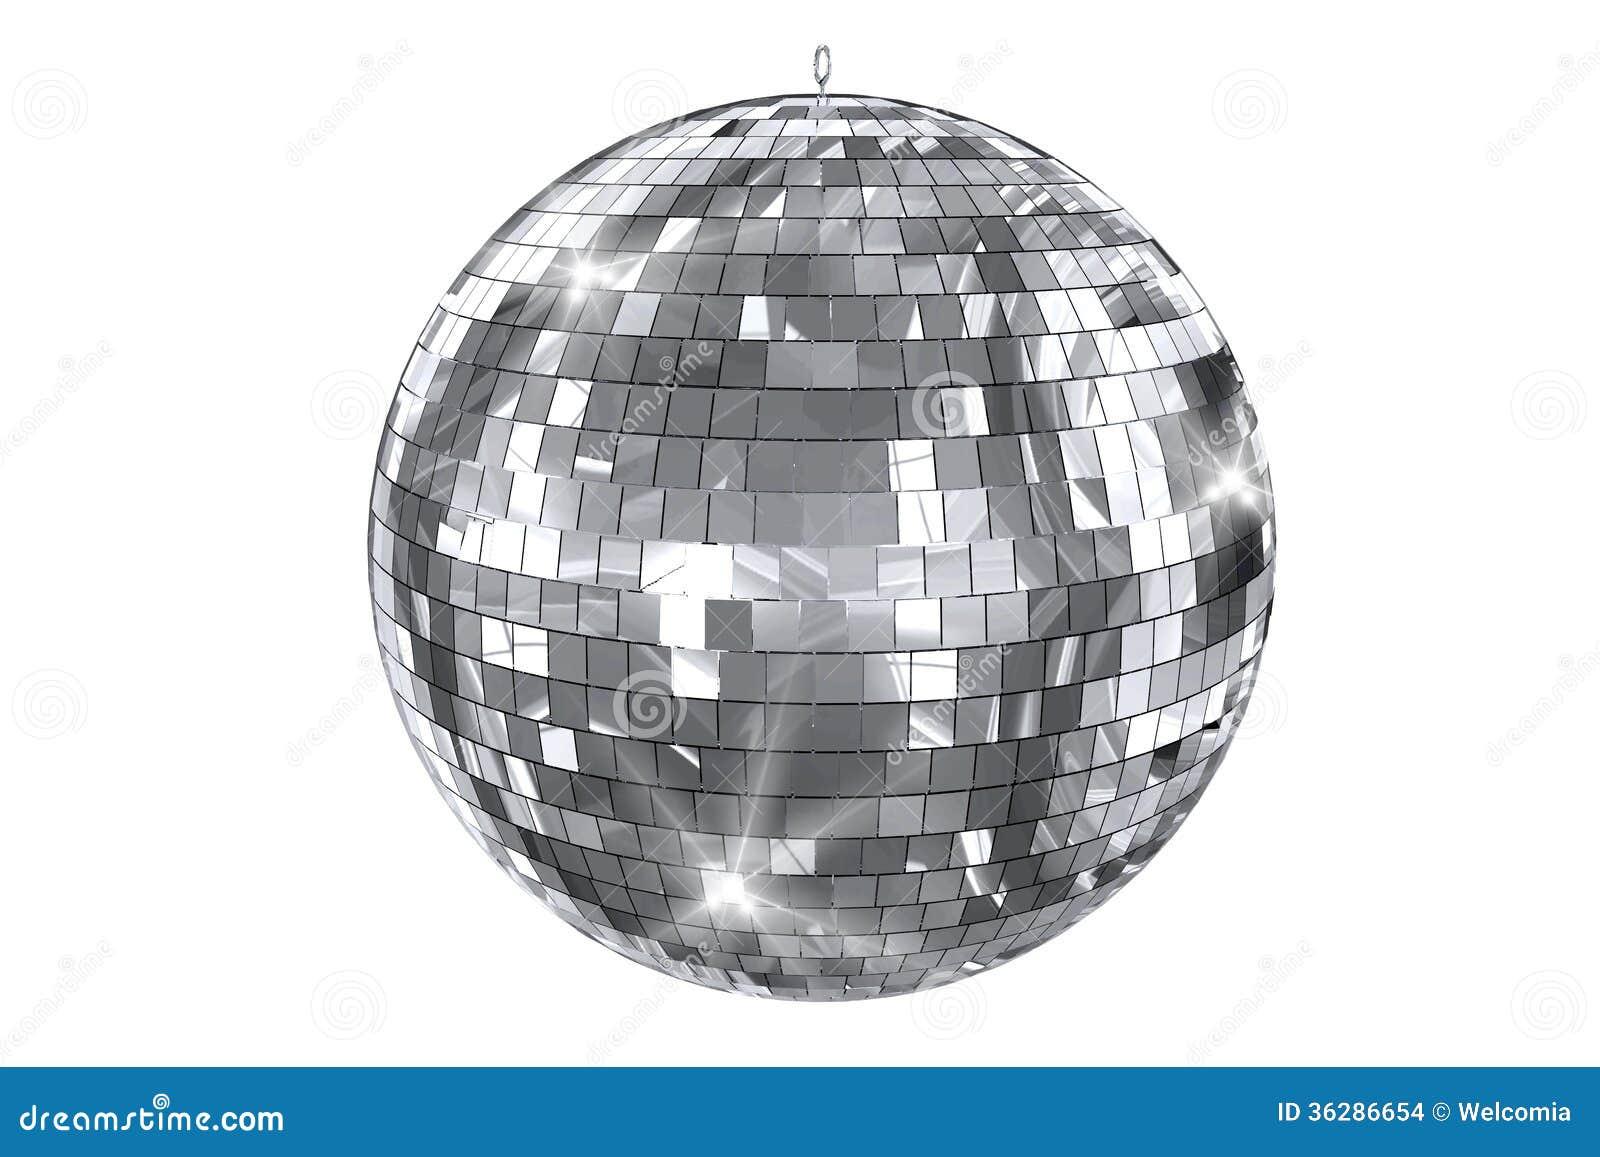 disco ball background white - photo #21